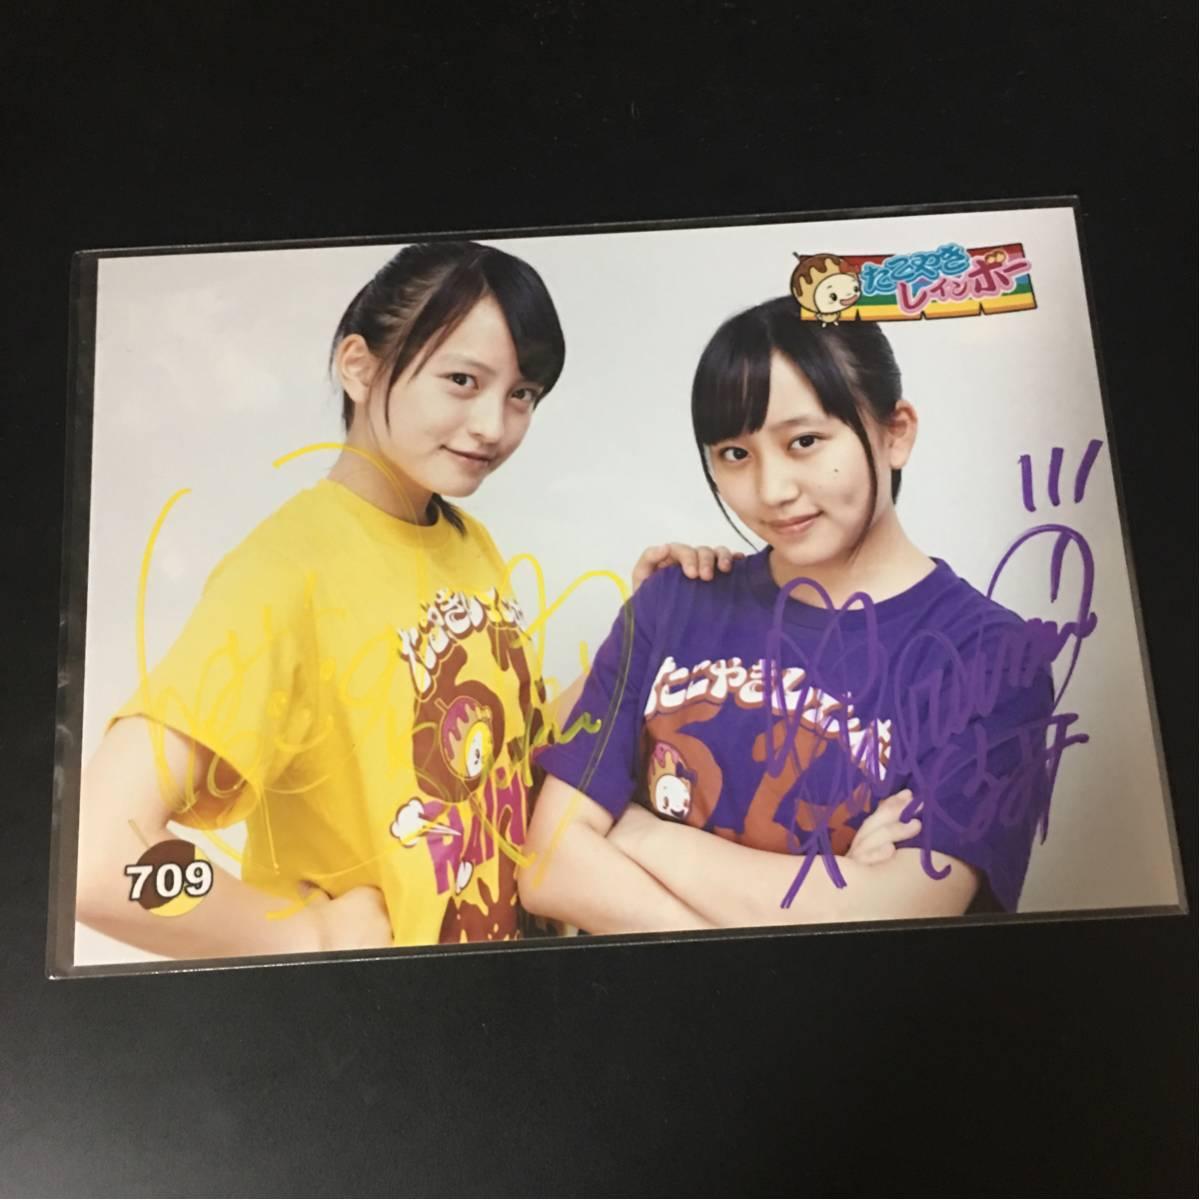 清井咲希 堀くるみ 生写真 サイン たこ虹 たこやきレインボー ライブグッズの画像